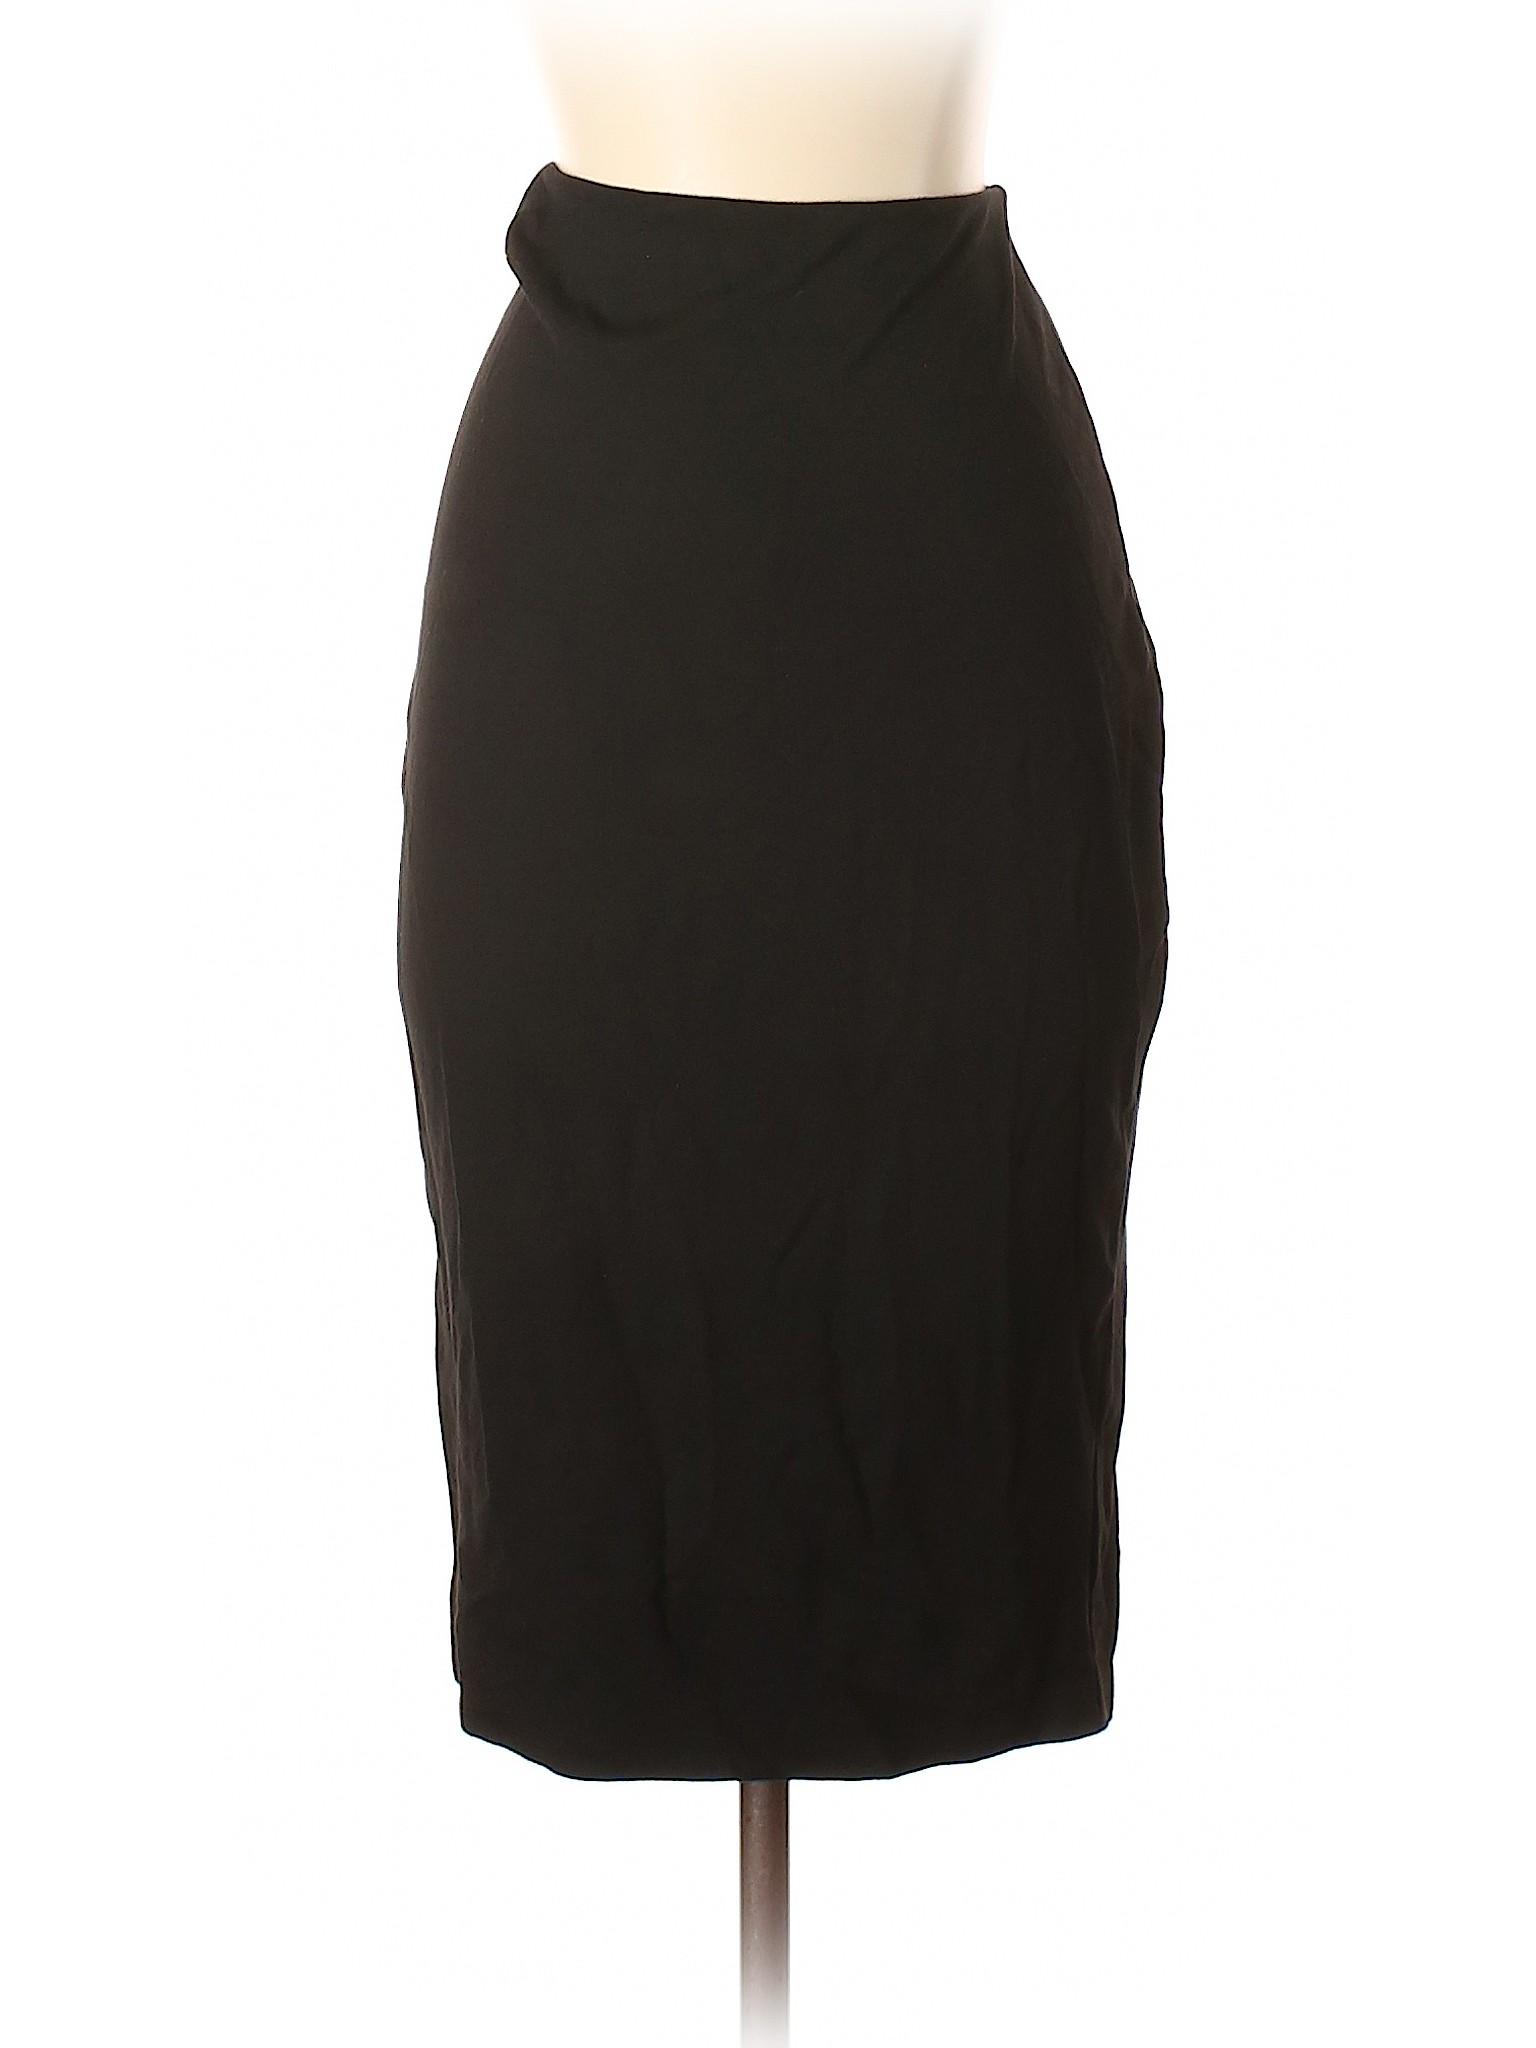 H Boutique Skirt amp;M leisure Casual 5vwBqvz7